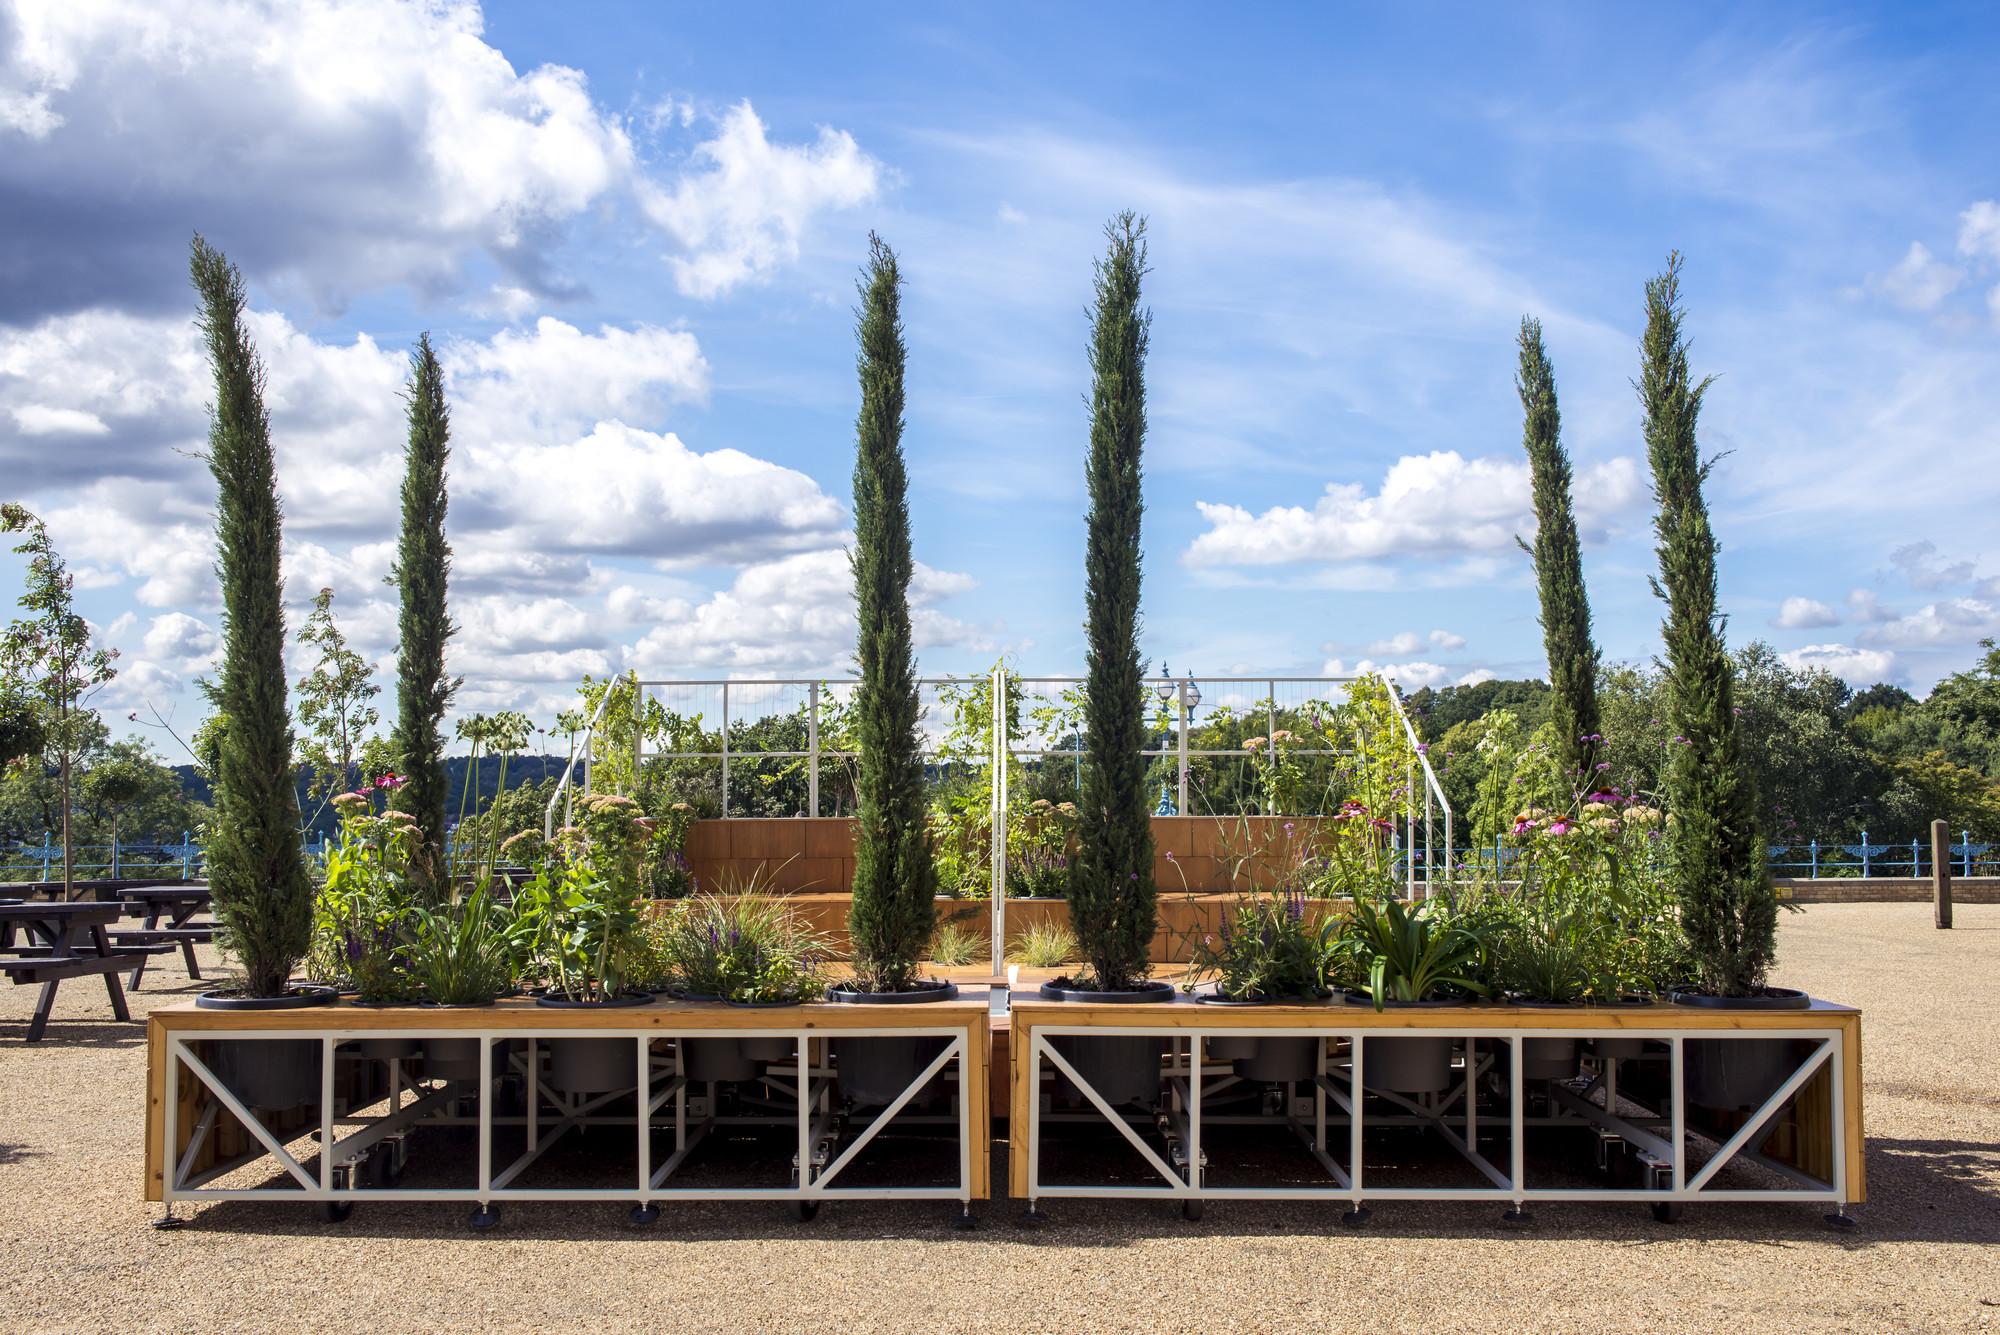 A Mobile Italian Garden Overlooking London, © Dosfotos